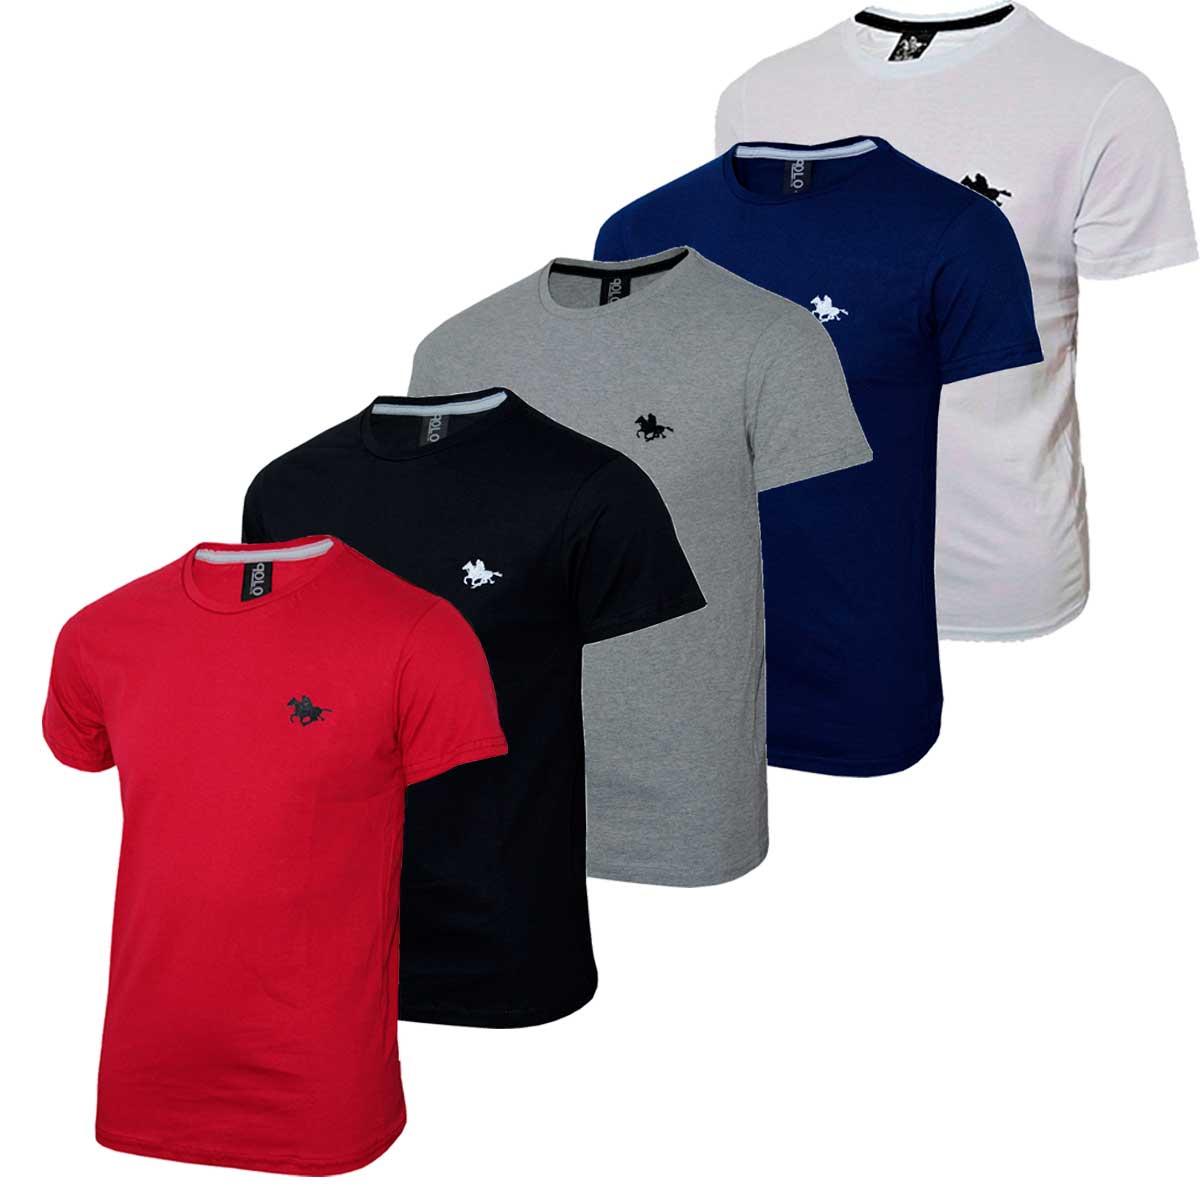 Kit Camiseta Masculina Lisa Básica com Bordado Especial